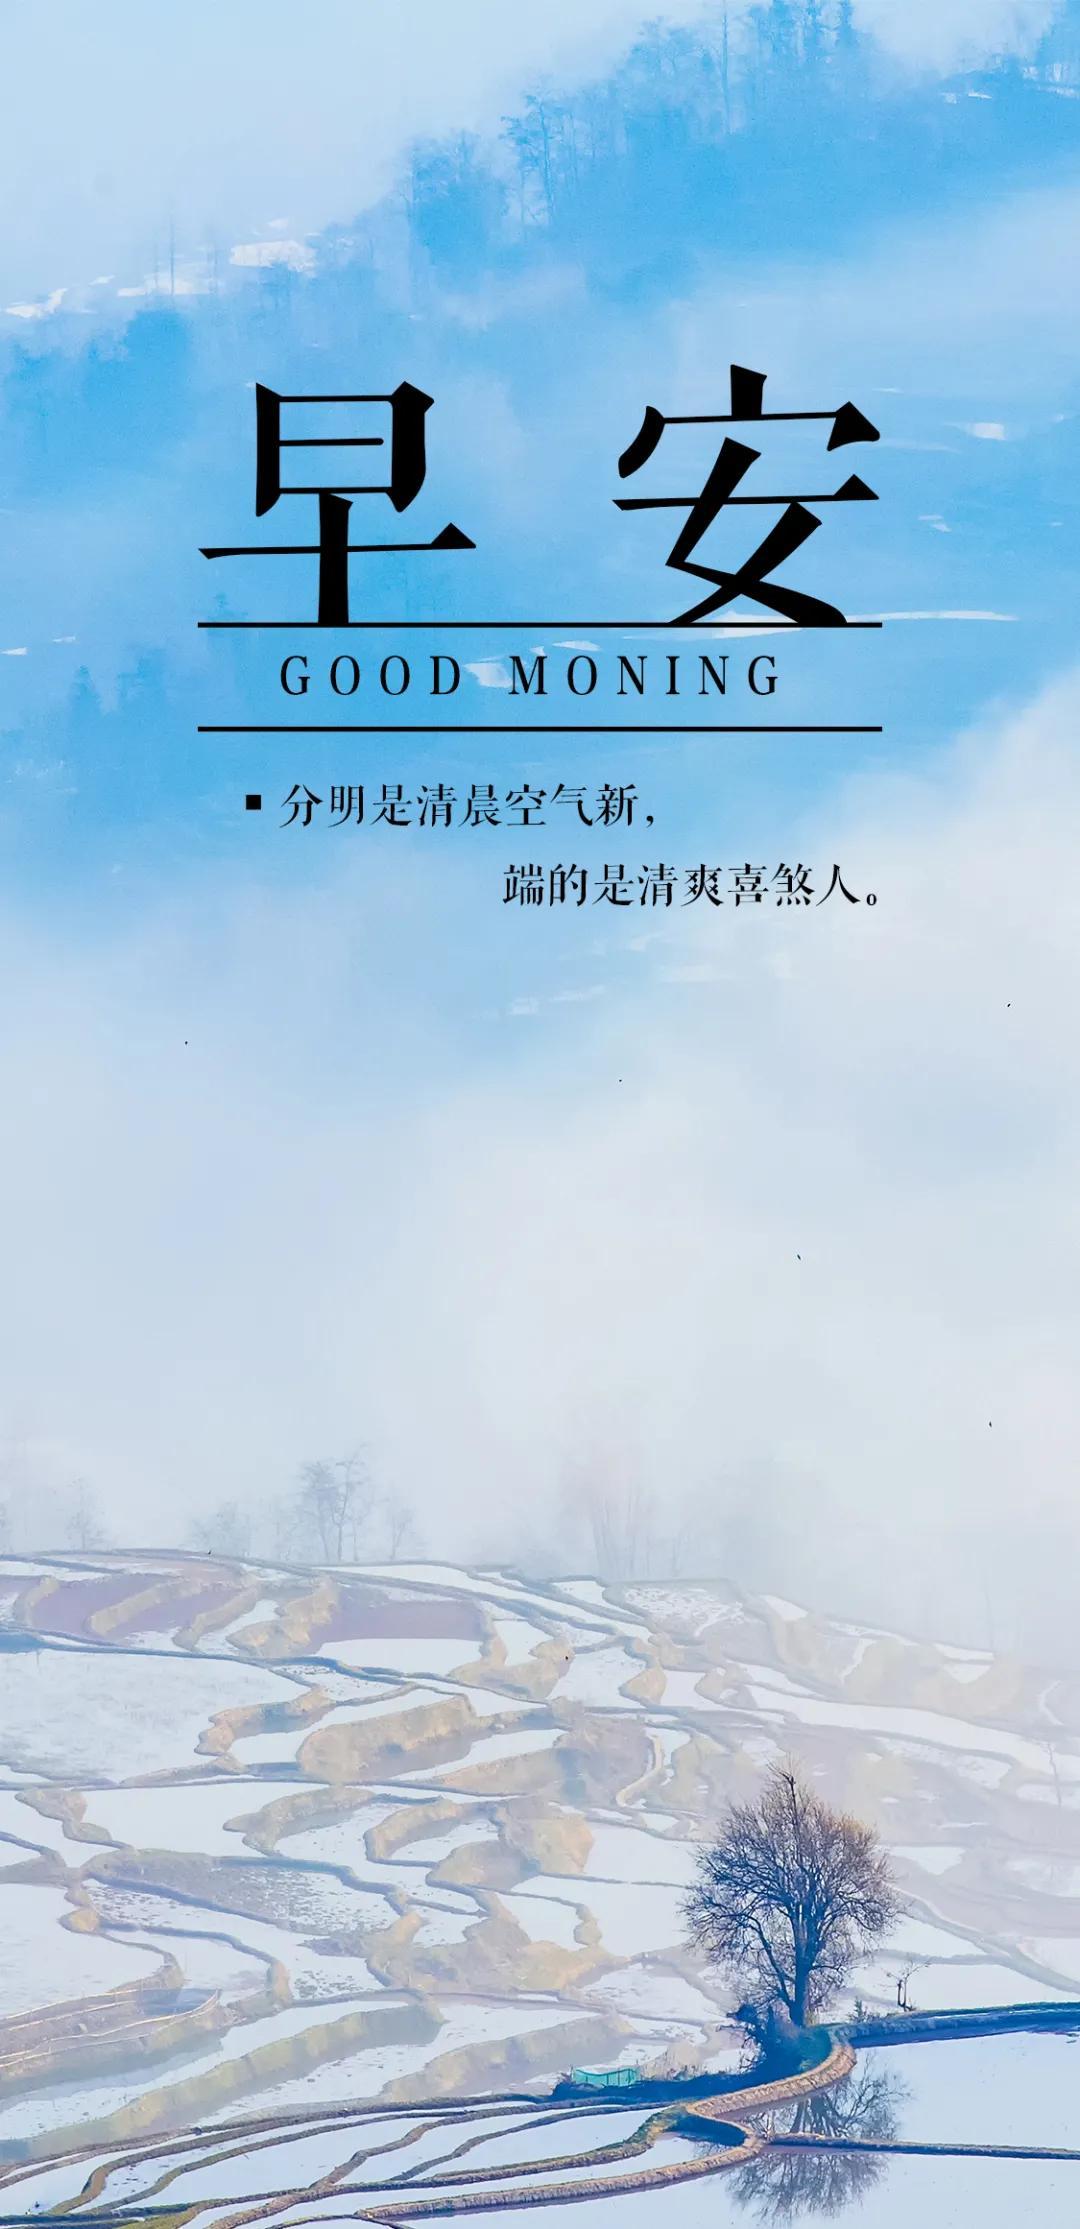 新的一天早安心语正能量图片语录,活得丰盛